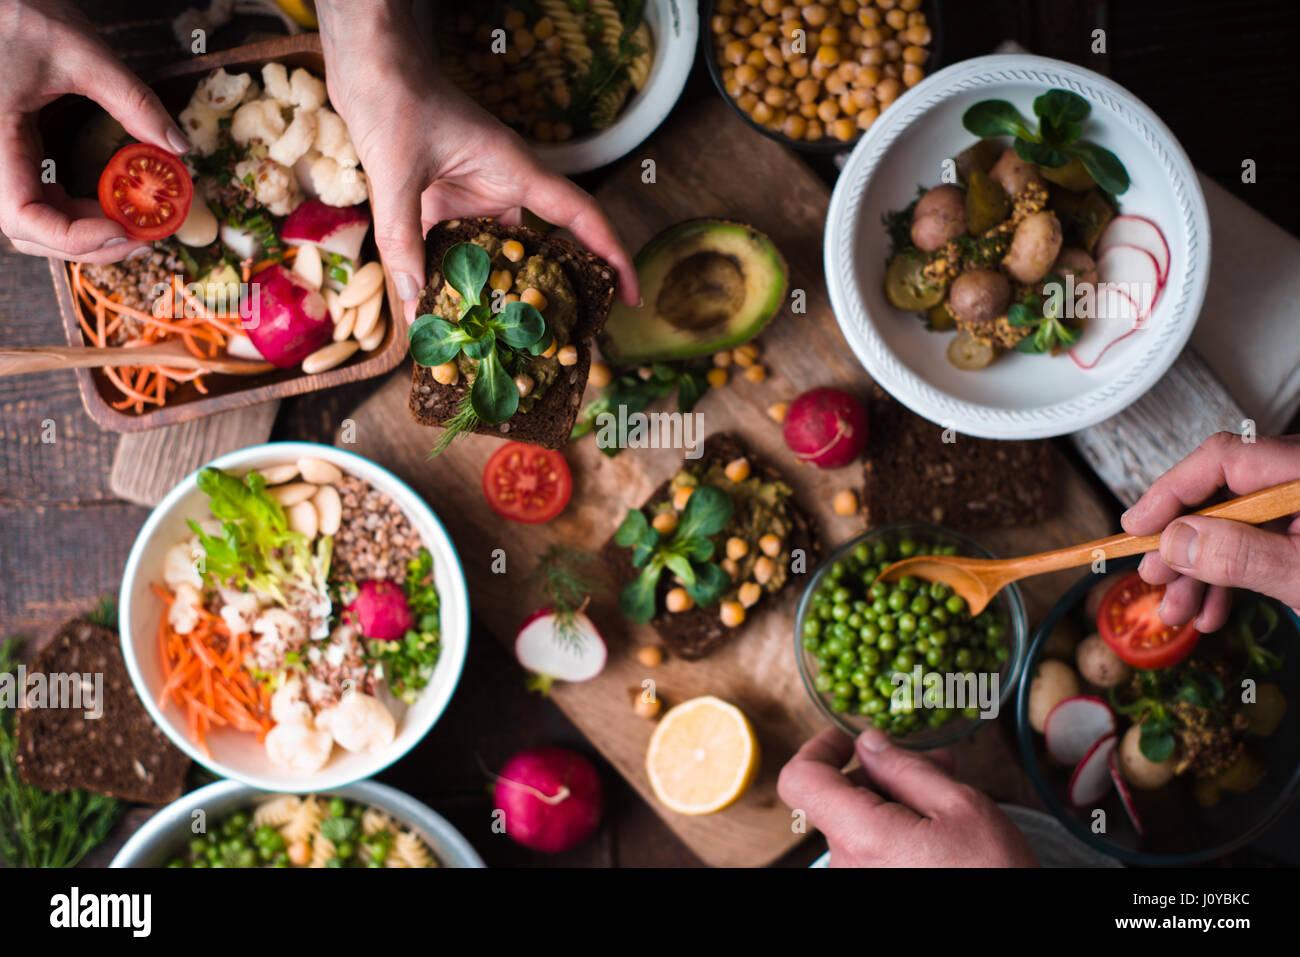 La consommation de salade différentes et apéritif sur la table en bois Vue de dessus Photo Stock